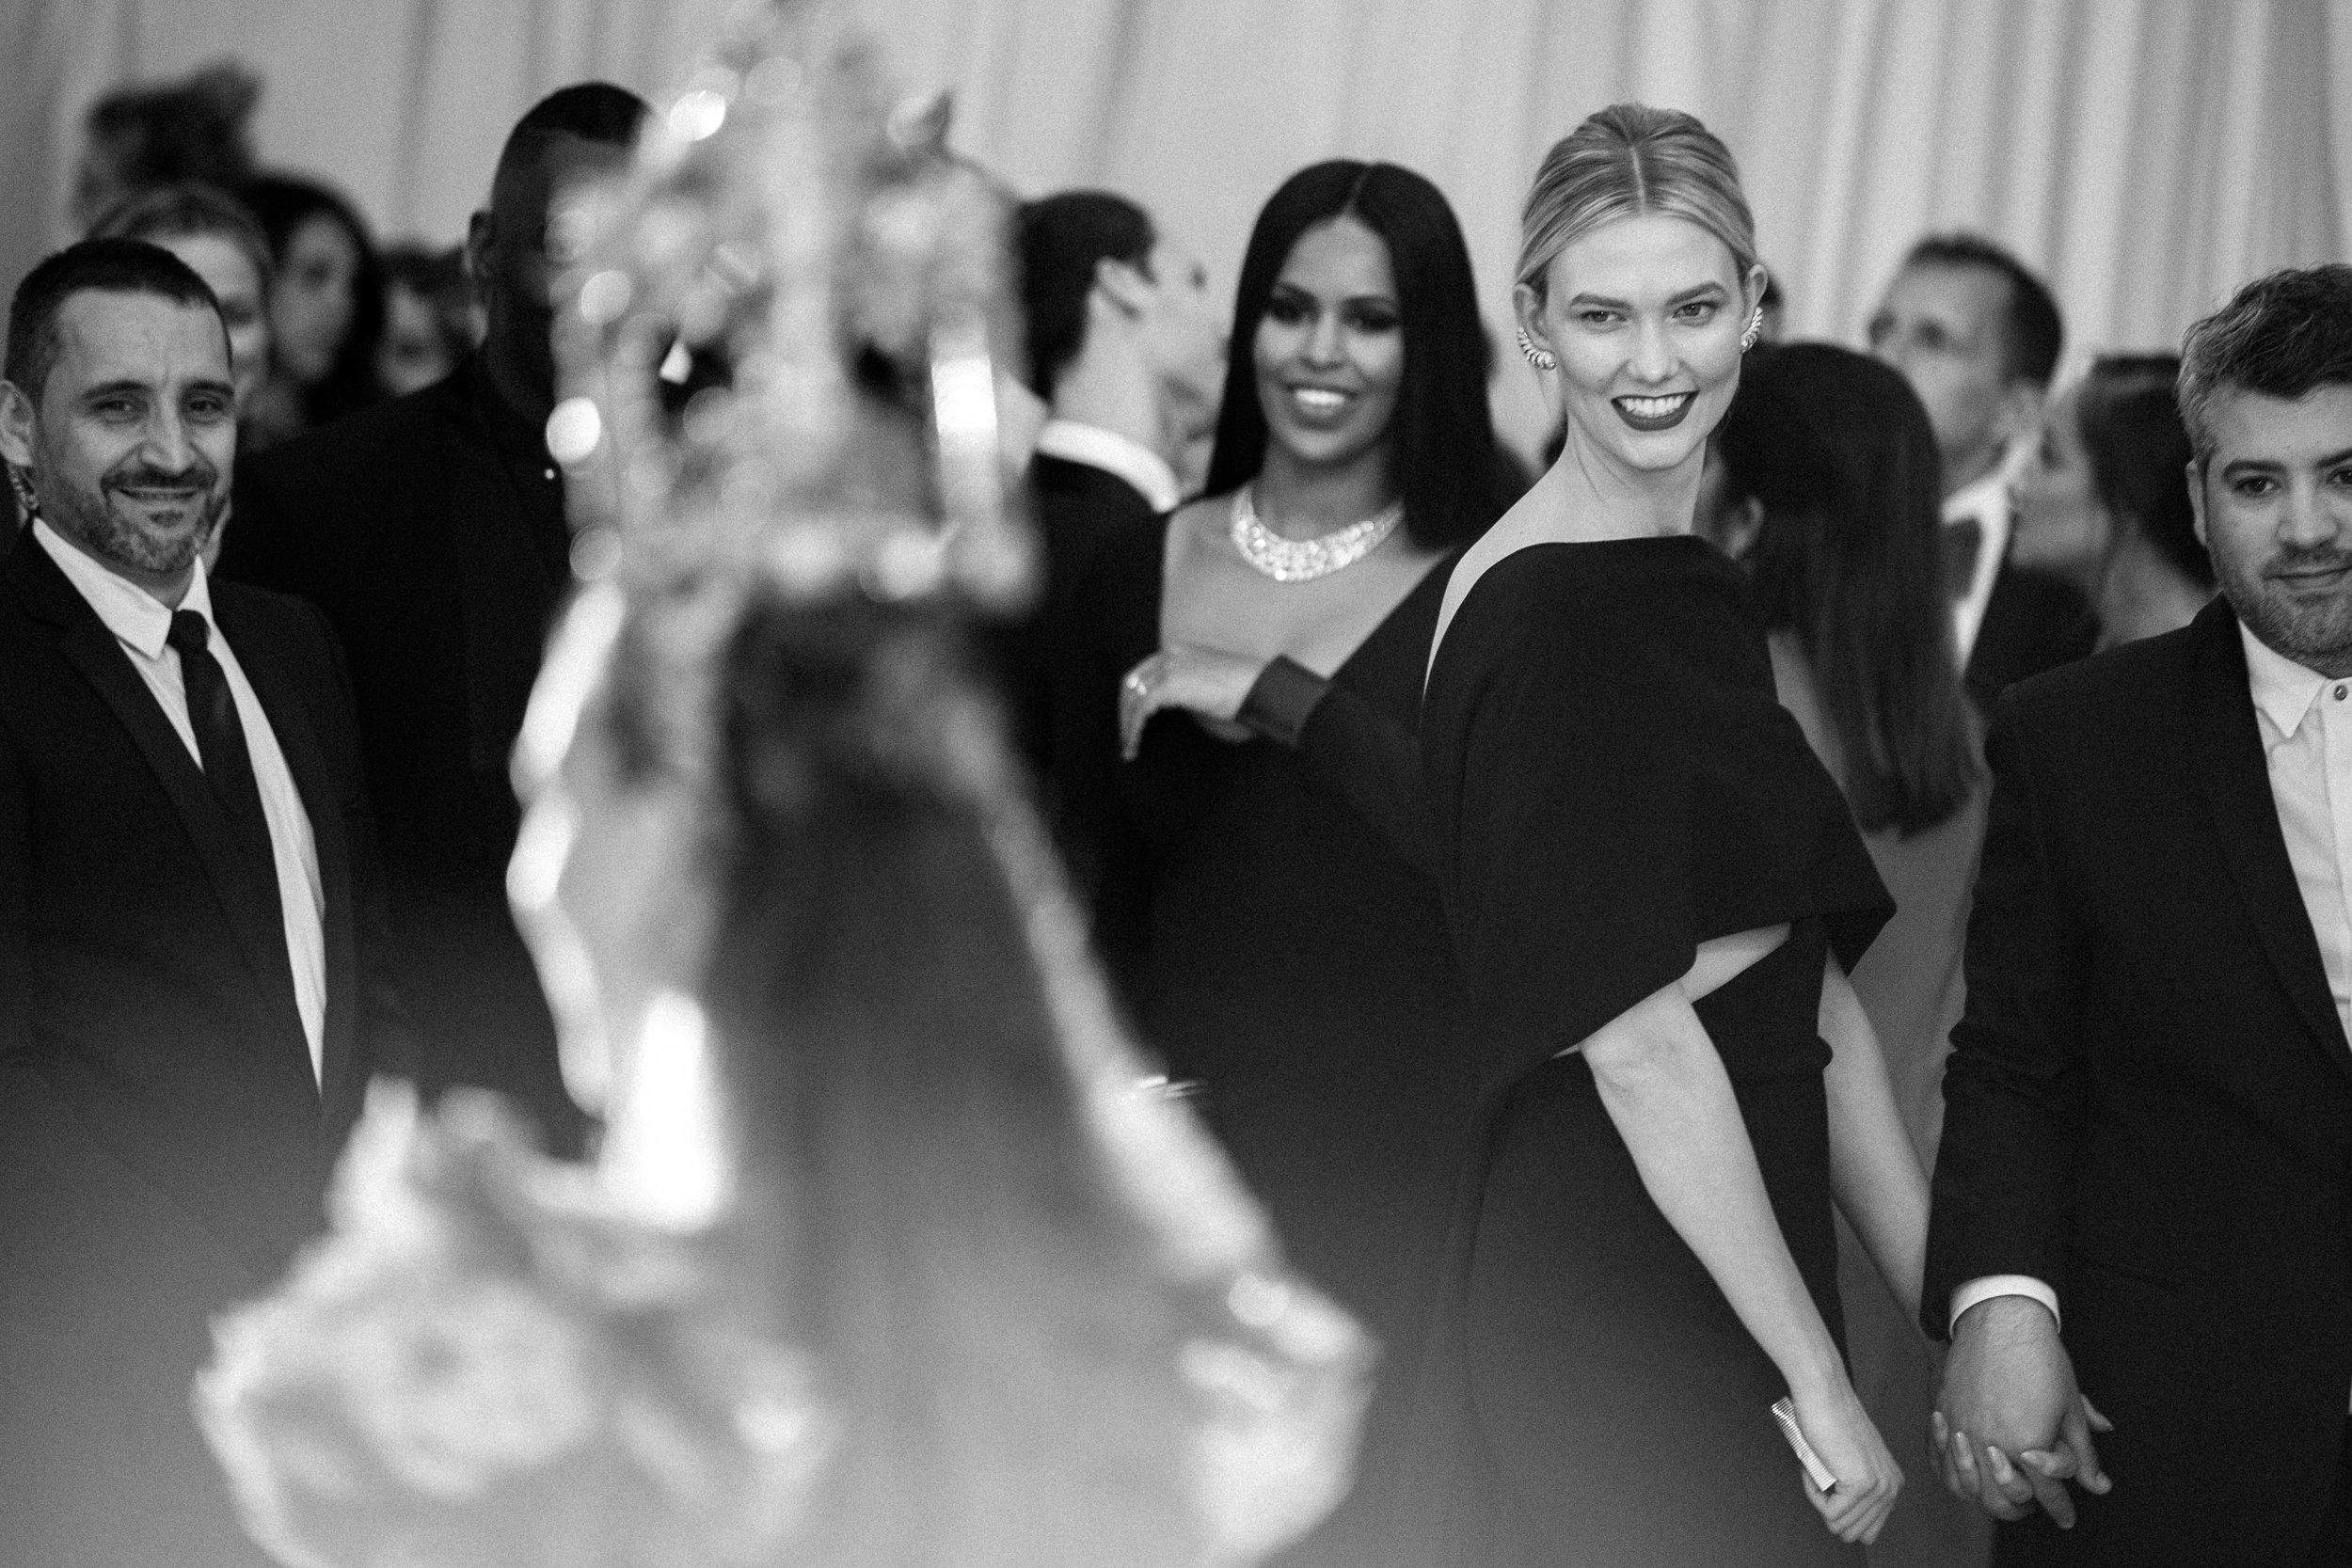 Karlie Kloss at the 2018 Met Gala. Photograph by Siyu Tang.